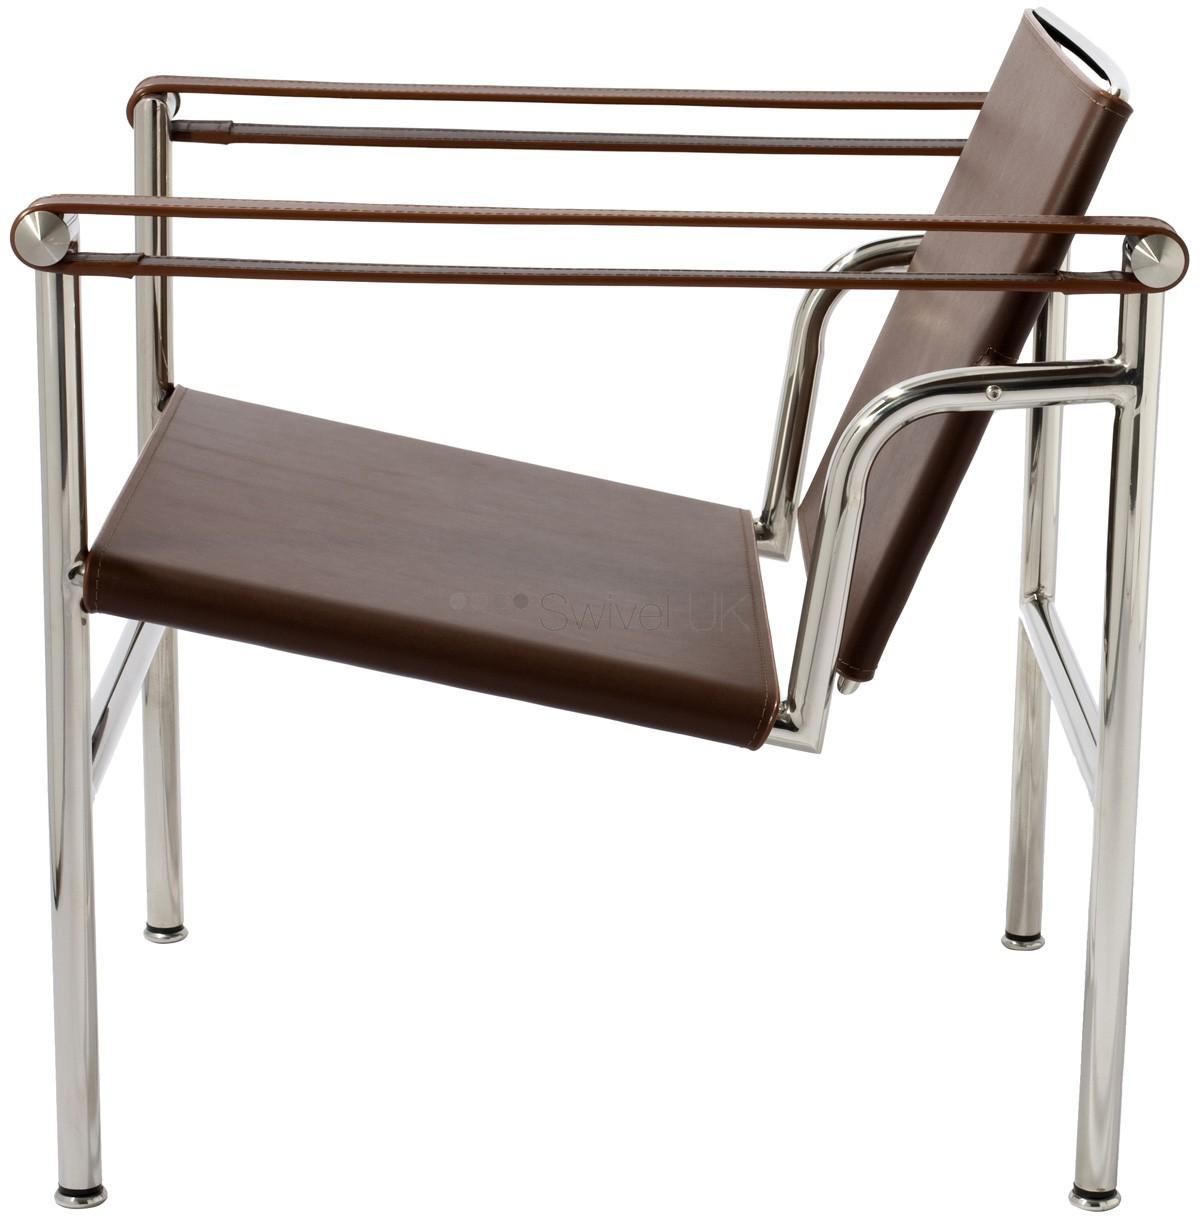 Quali sedie scegliere guida online arredare moderno - Sedia le corbusier ...